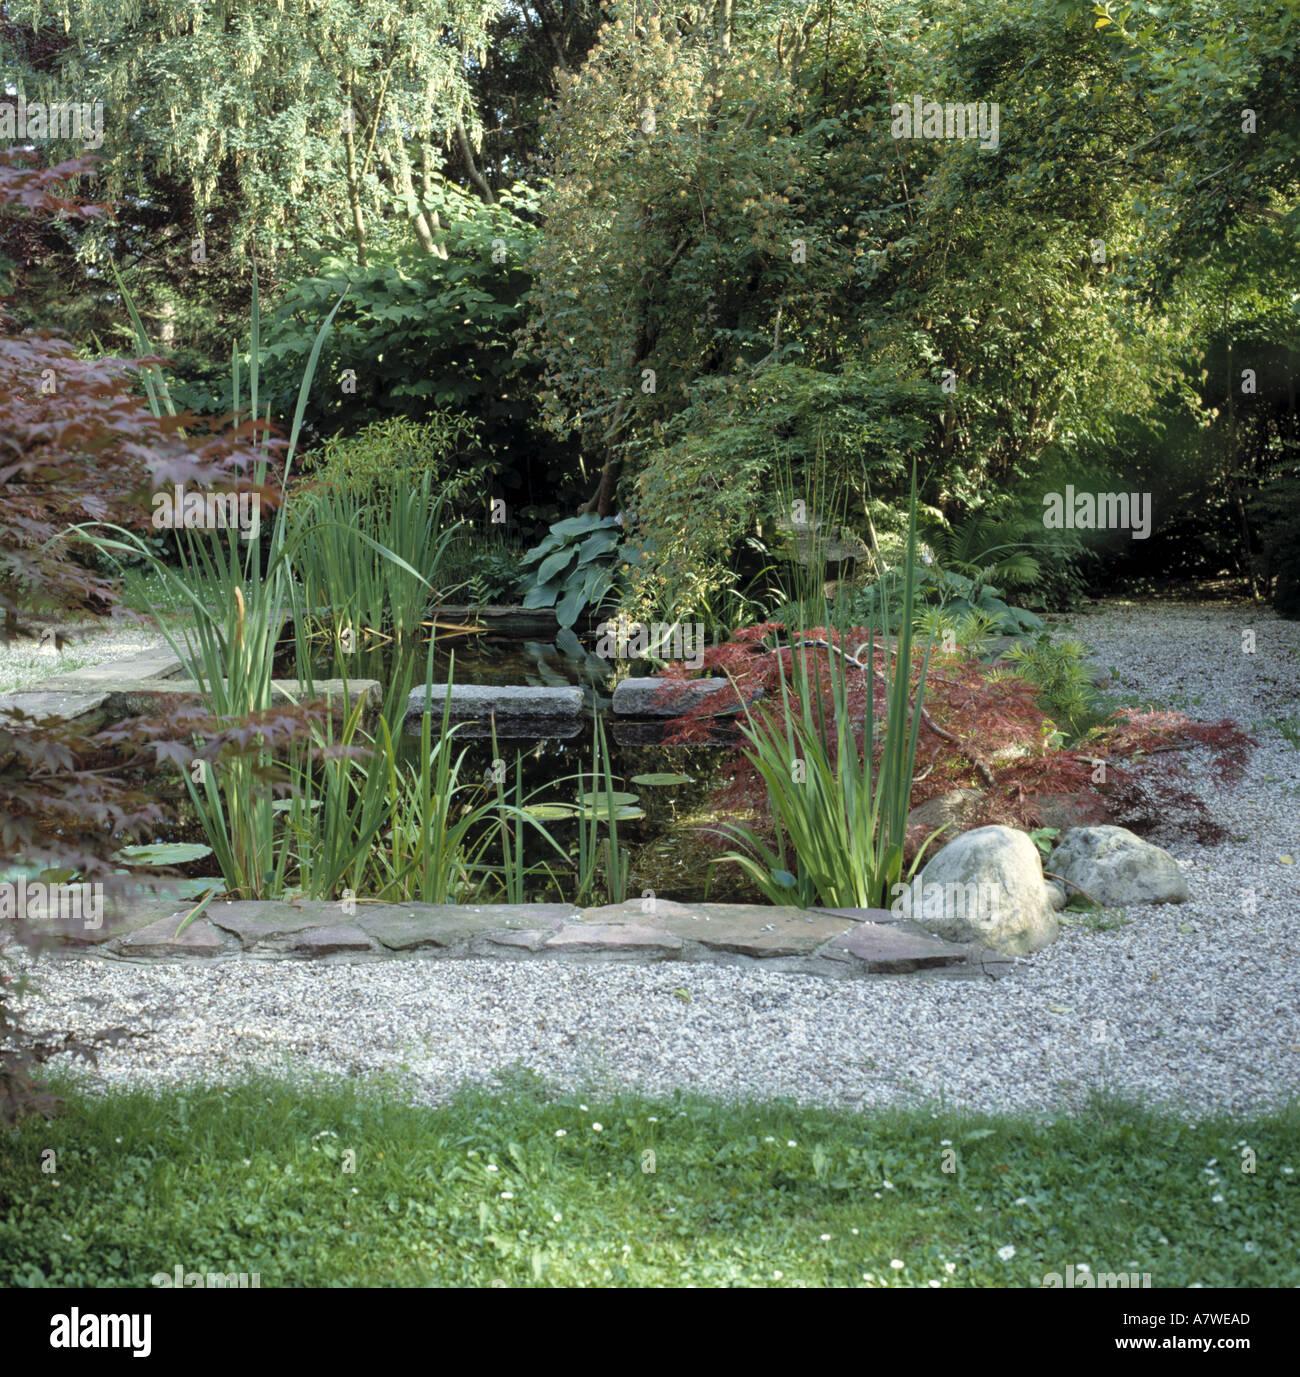 kies im garten, grüne sträucher und kies einfassung kleinen ruhigen pool mit im, Design ideen